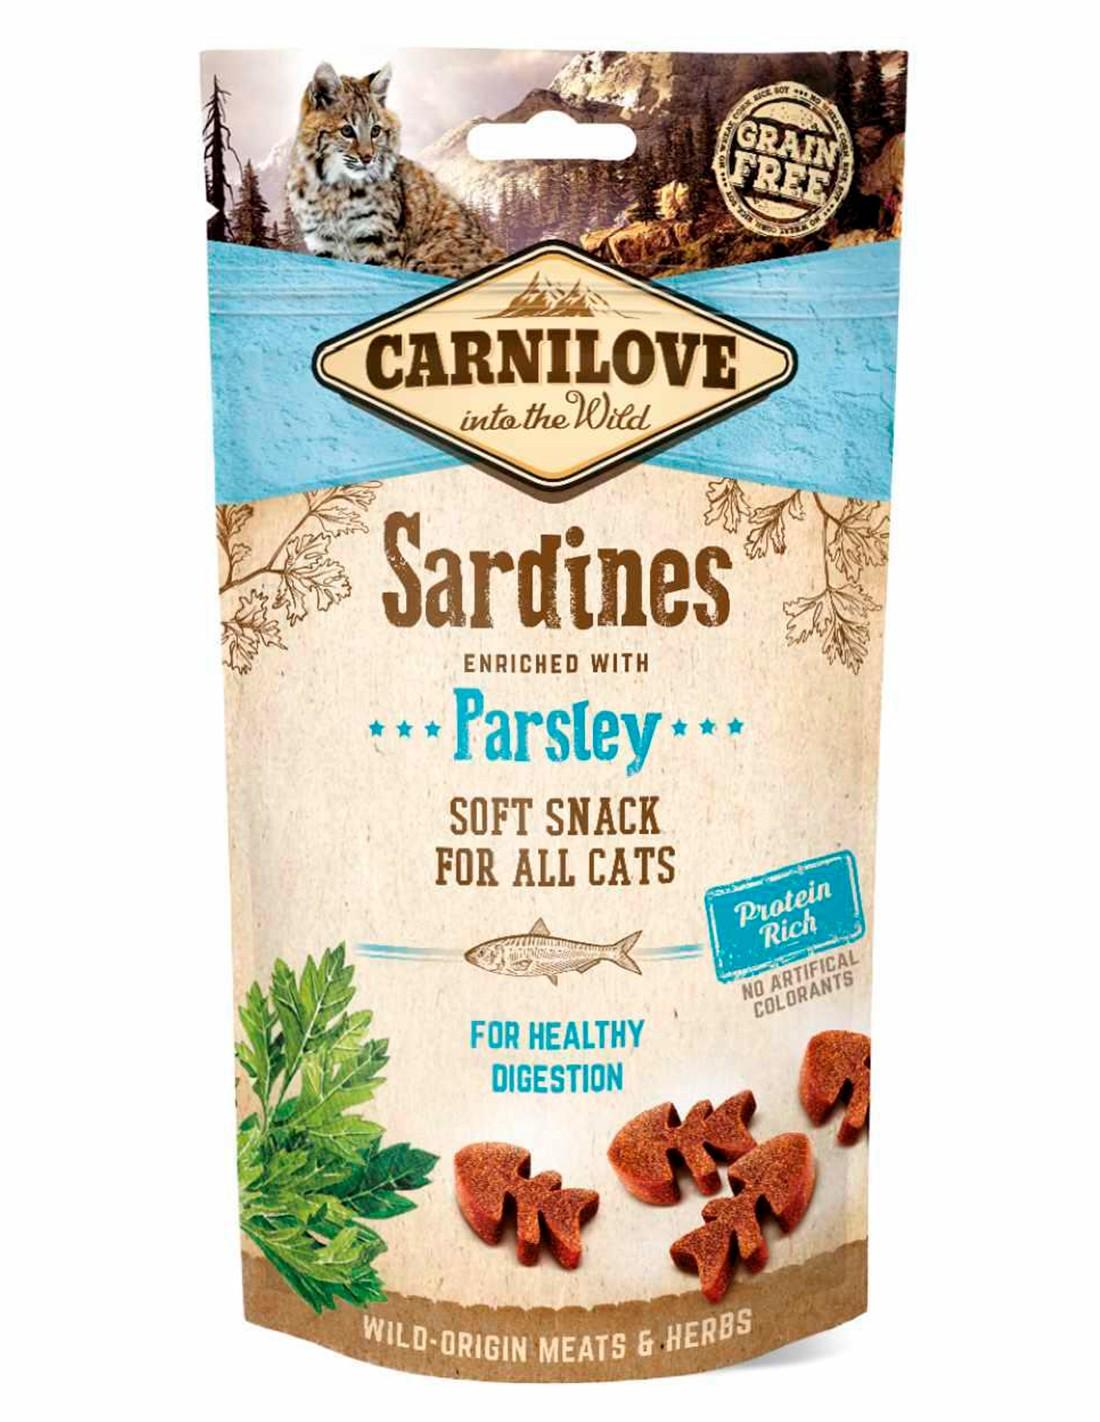 Carnilove Sardinas con Perejil 50g - Snack Semihúmedo